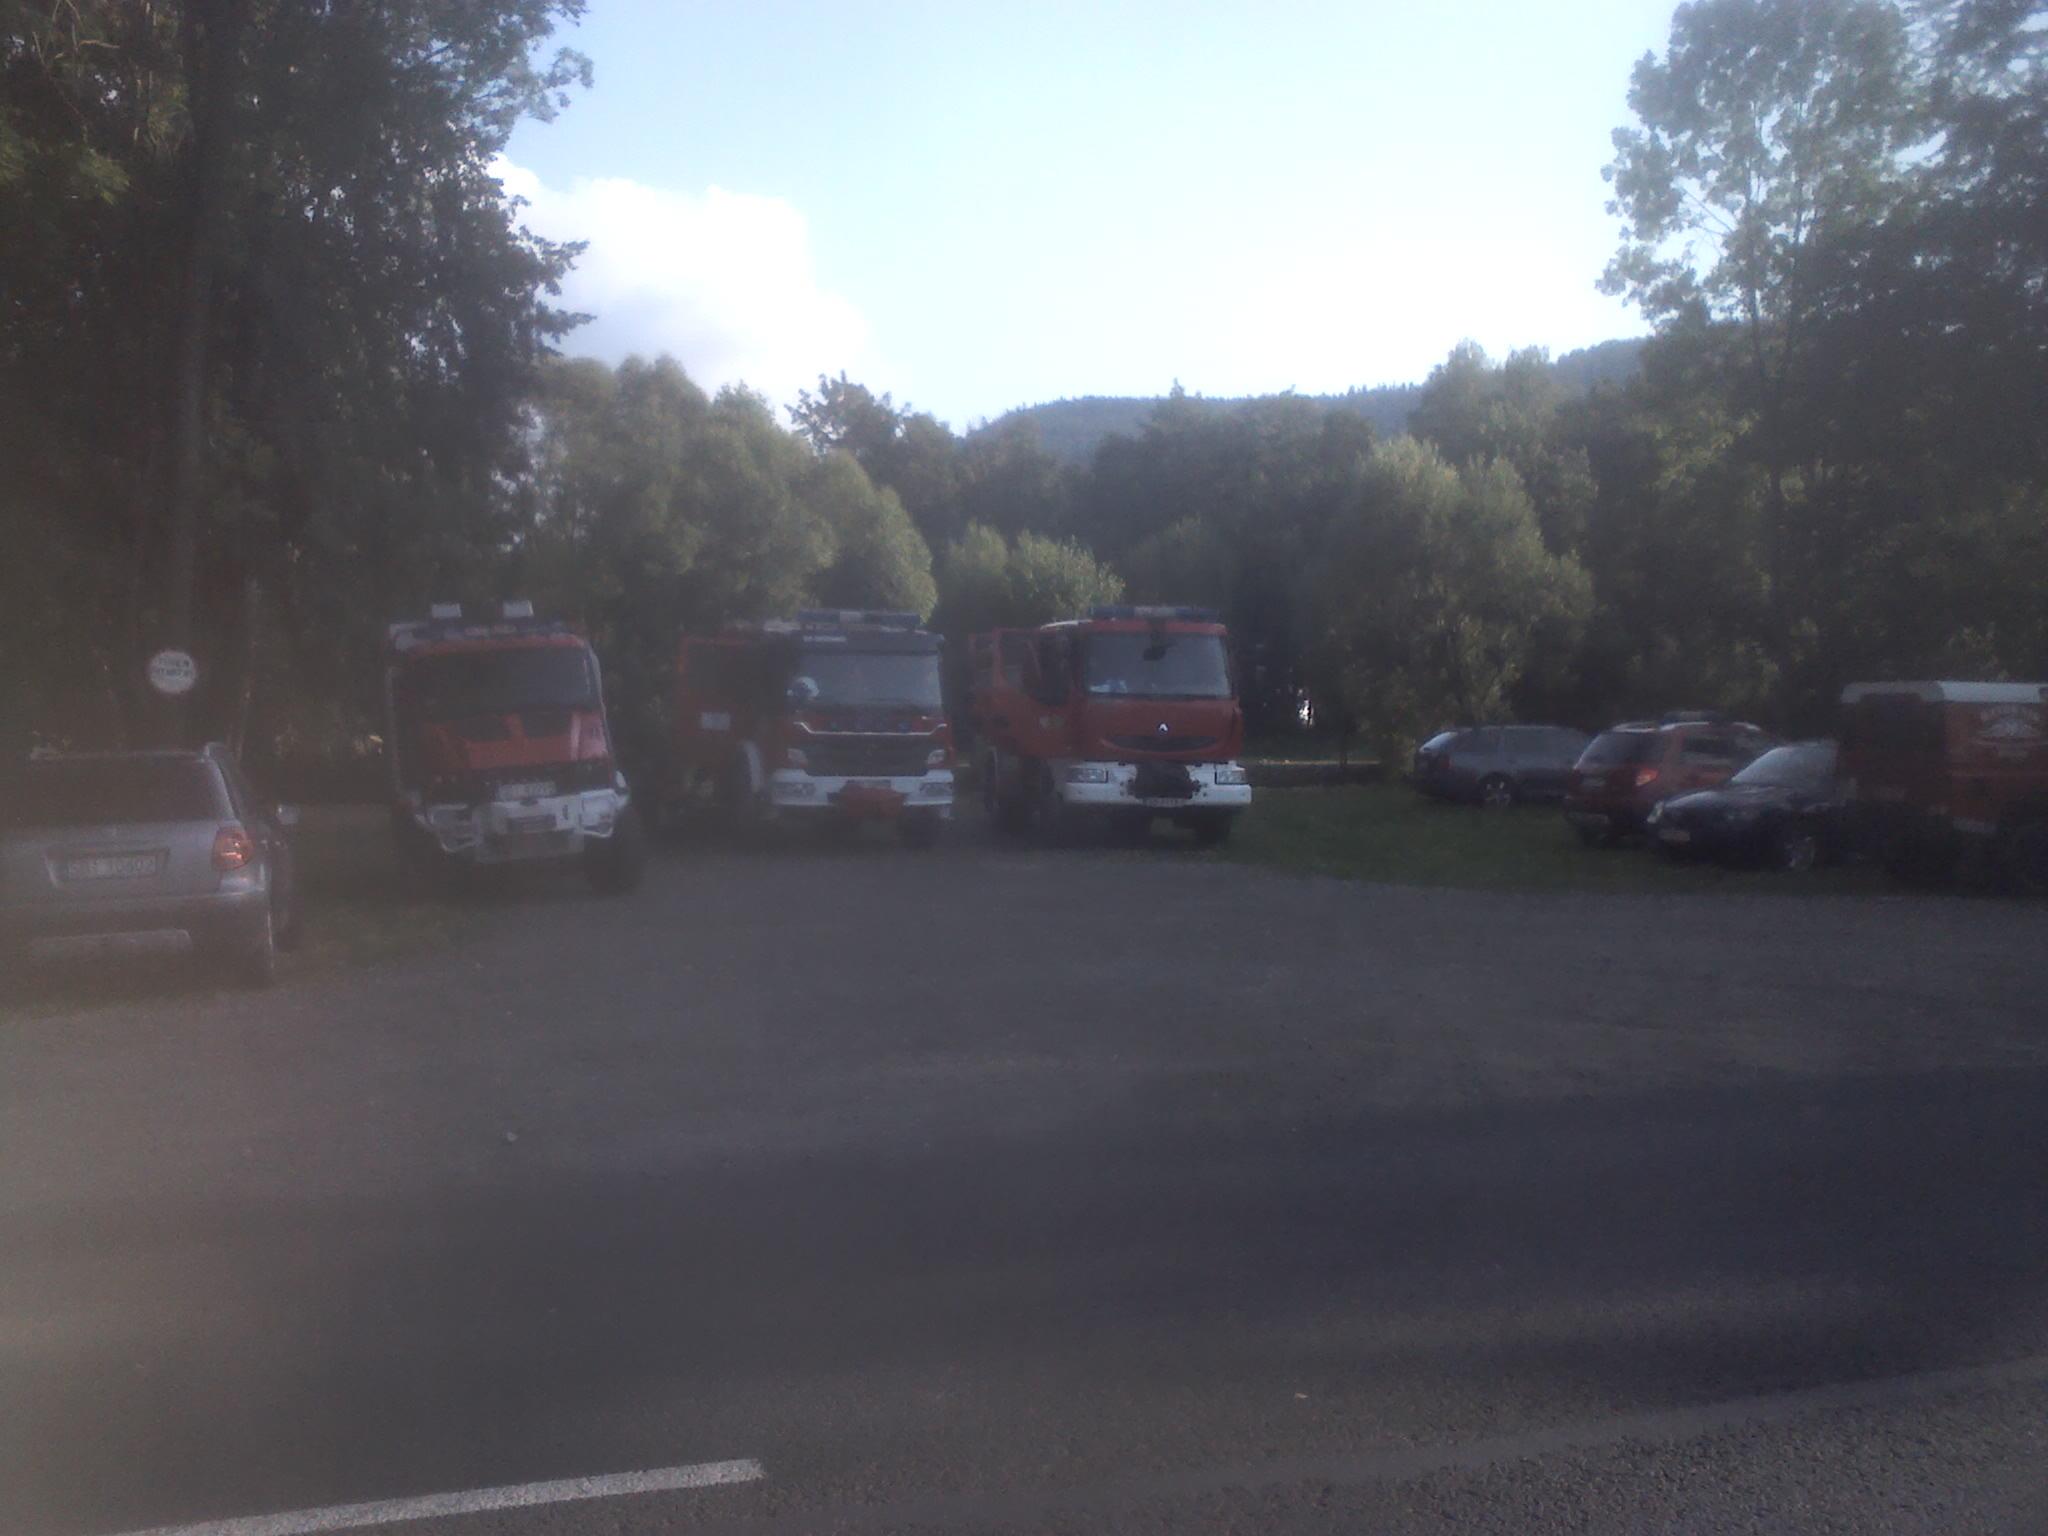 Akcja poszukiwania zaginionej osoby - samochody strażacka i osobowe zaparkowane w miejscu poszukiwań